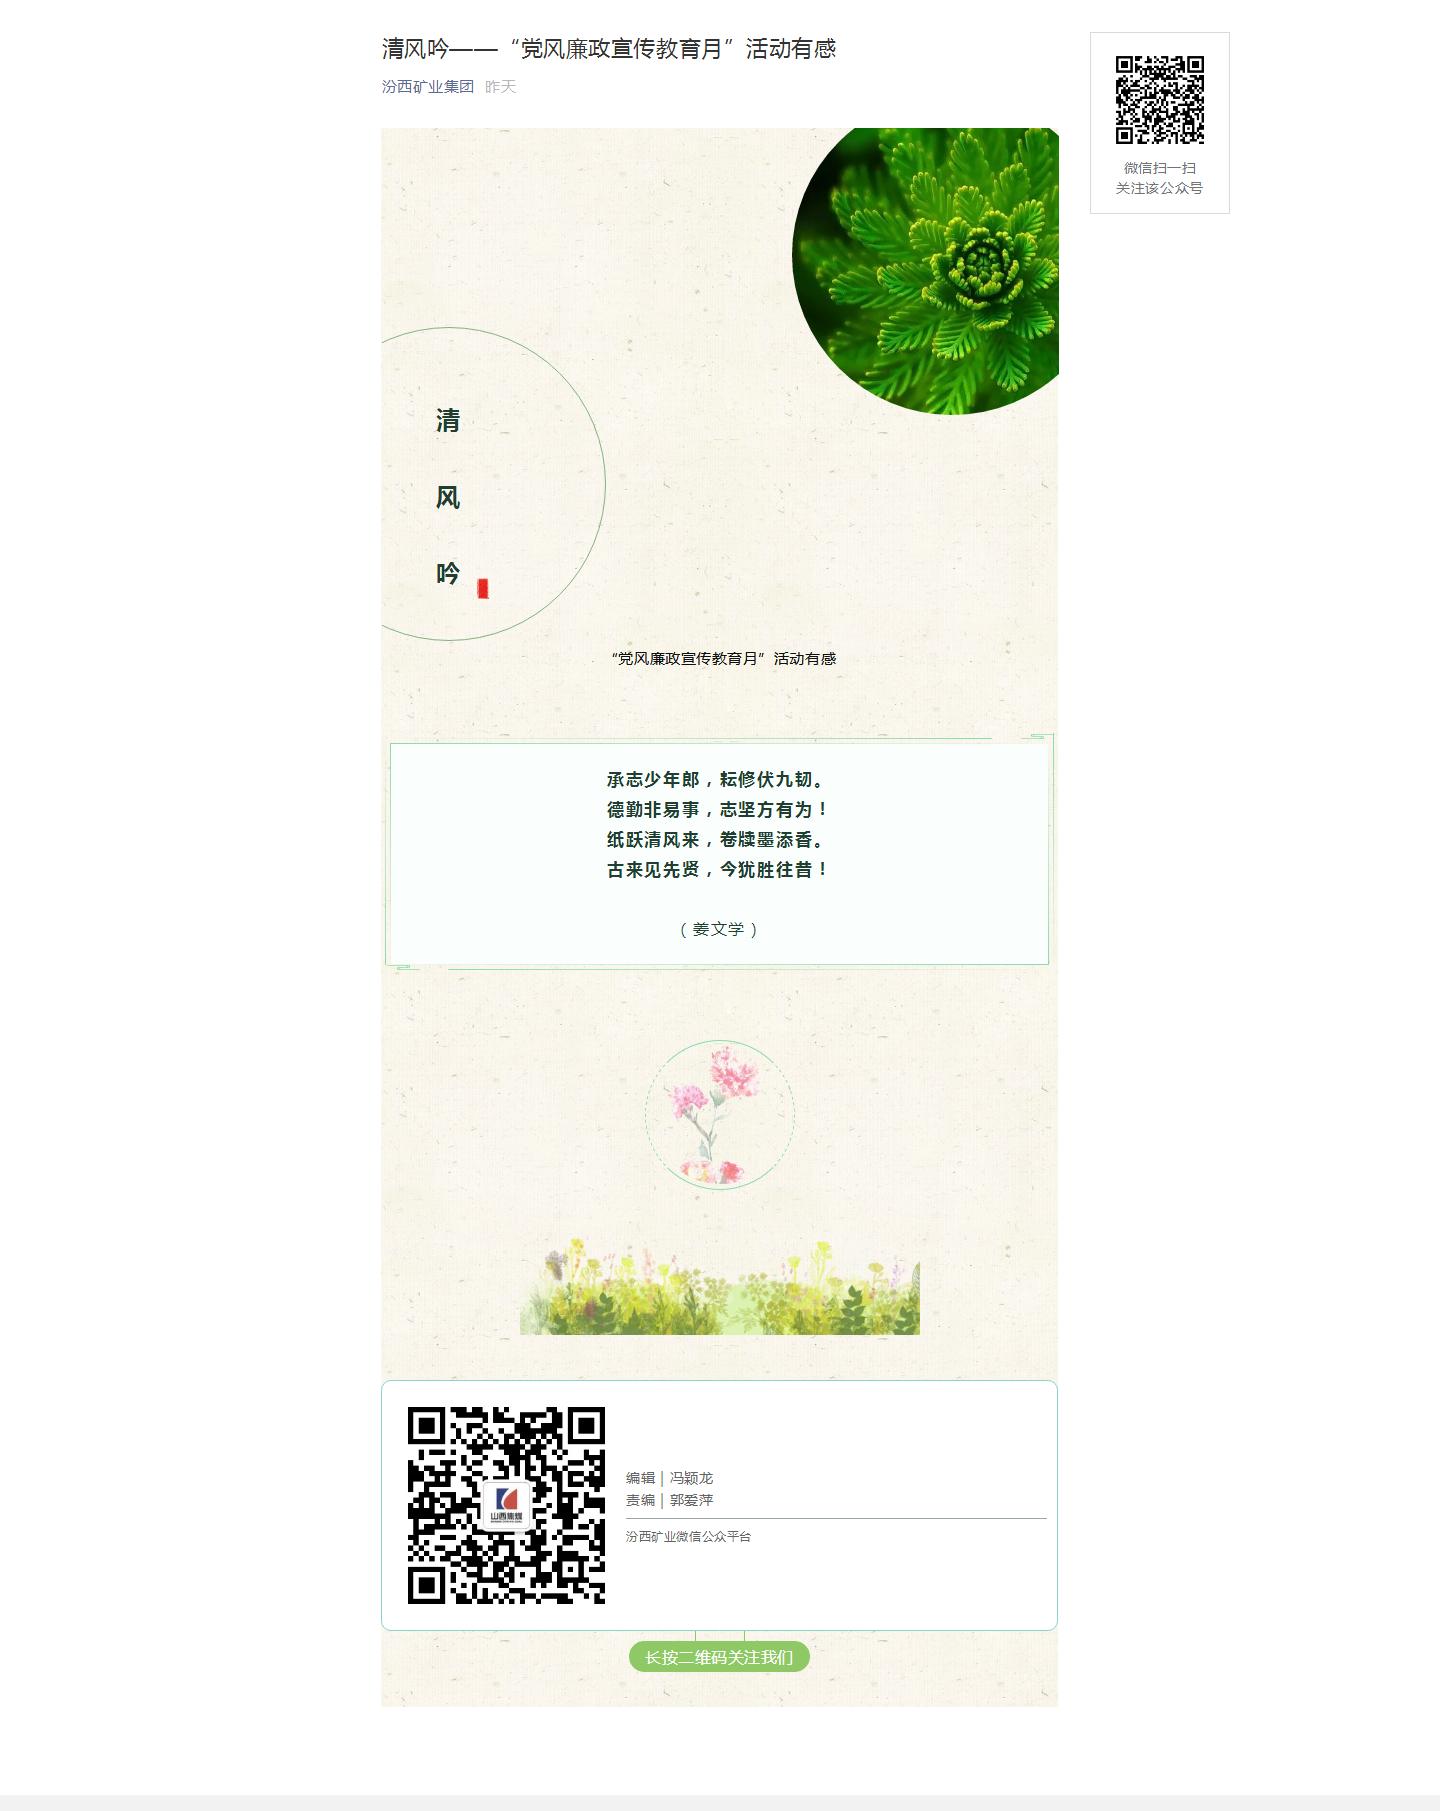 """清风吟——""""党风廉政宣传教育月""""活动有感.png"""